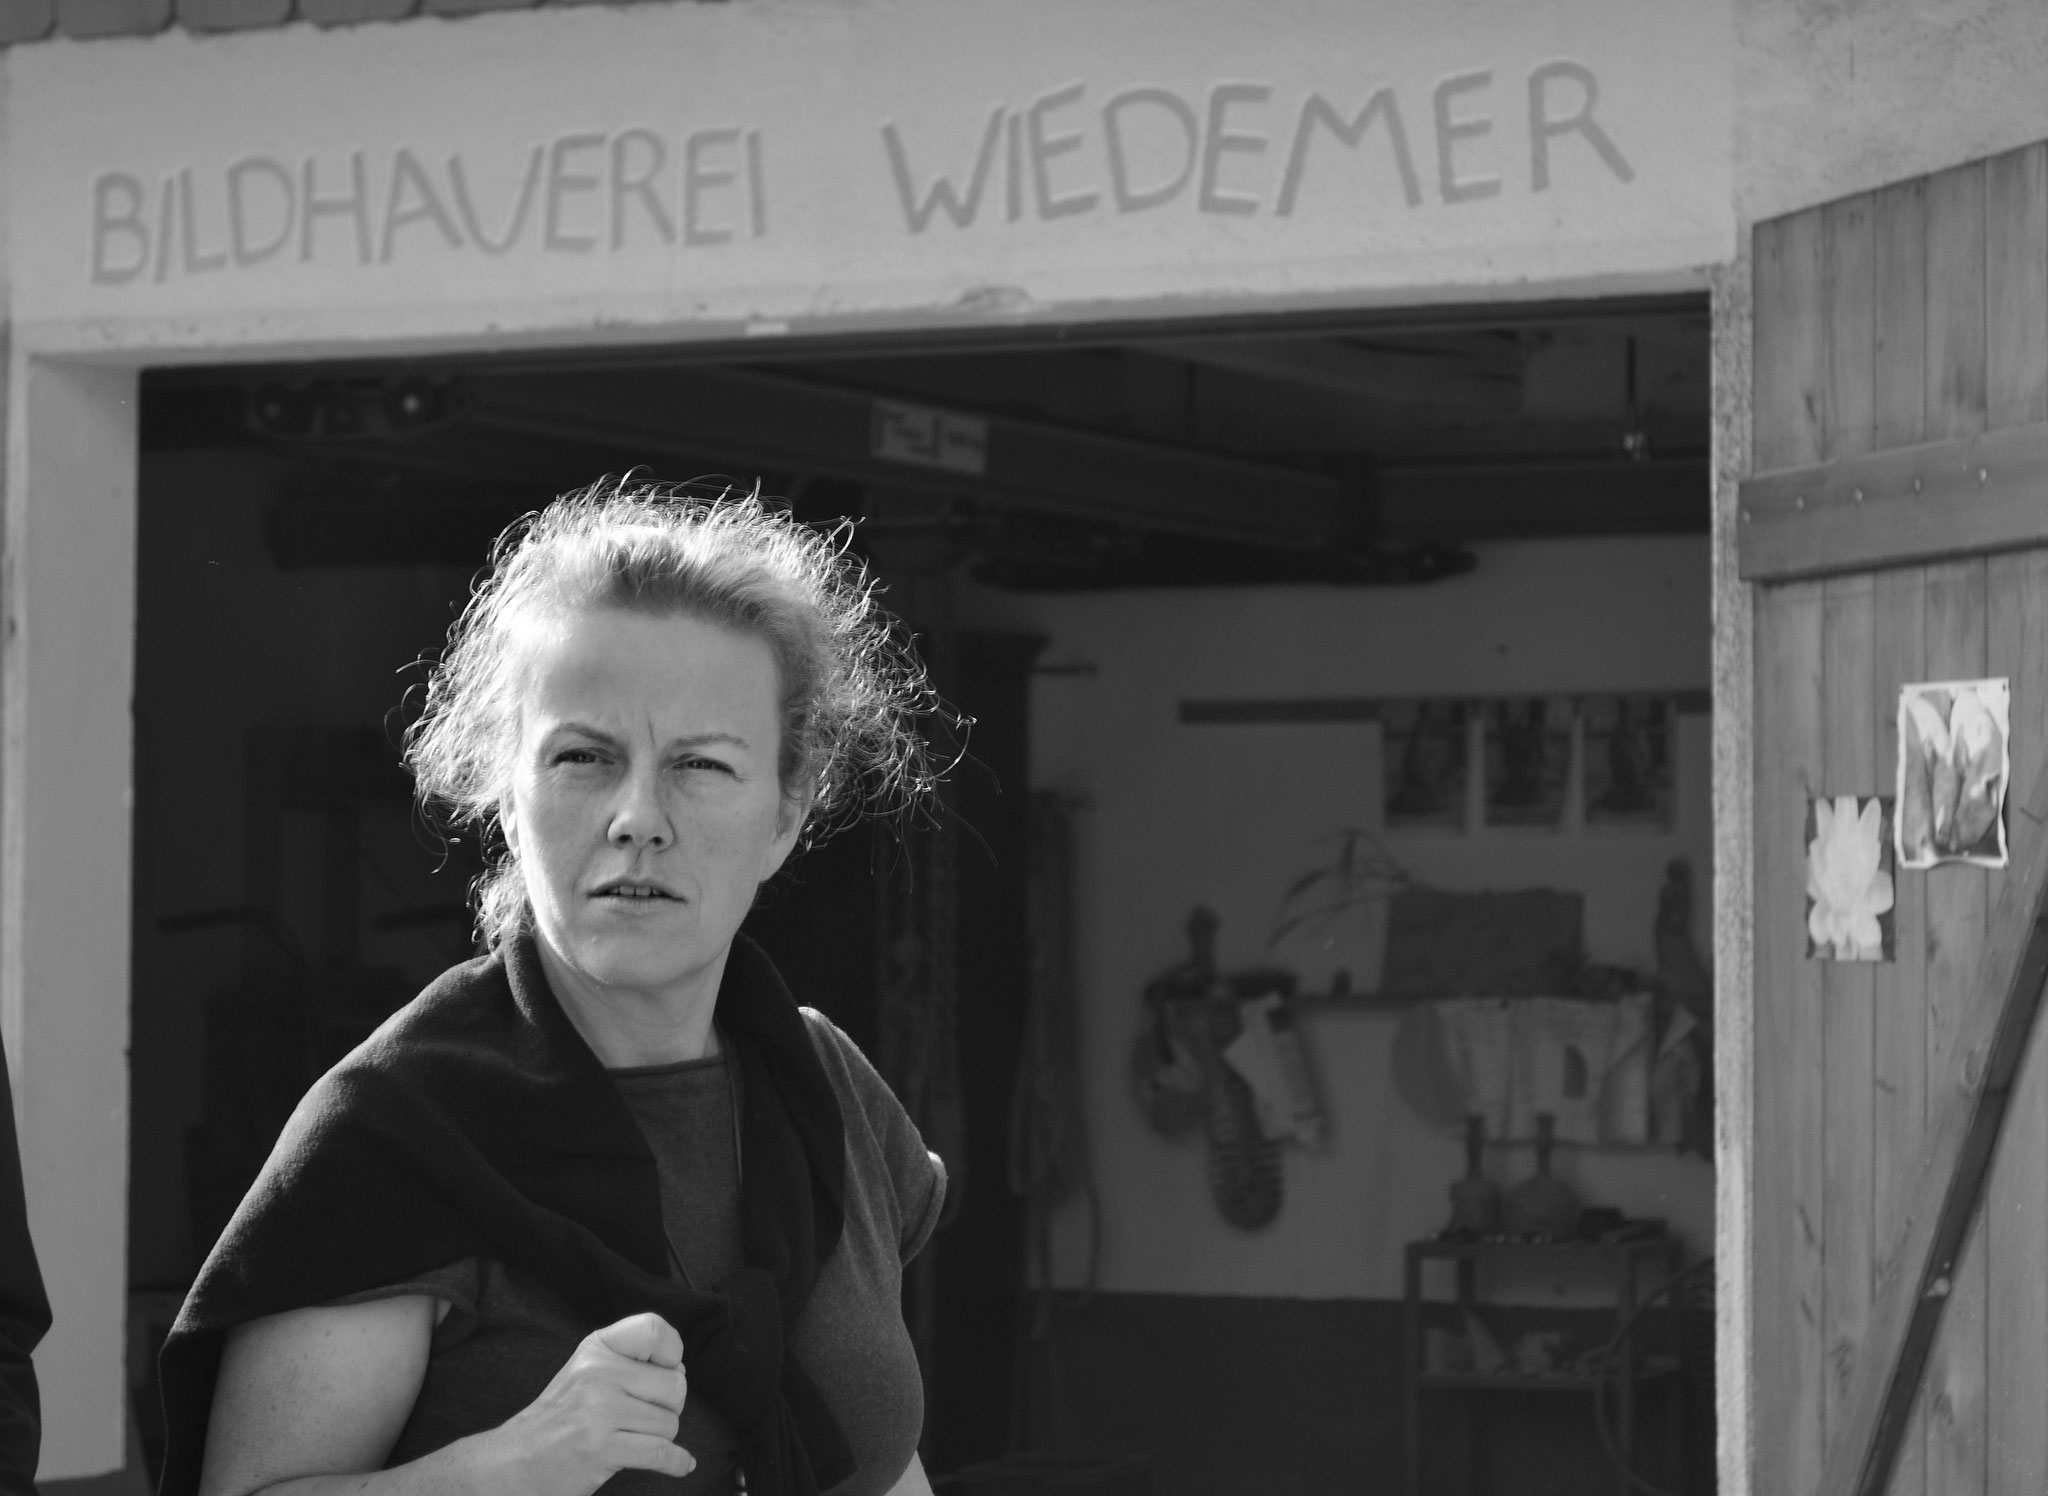 Ursula Wiedemer